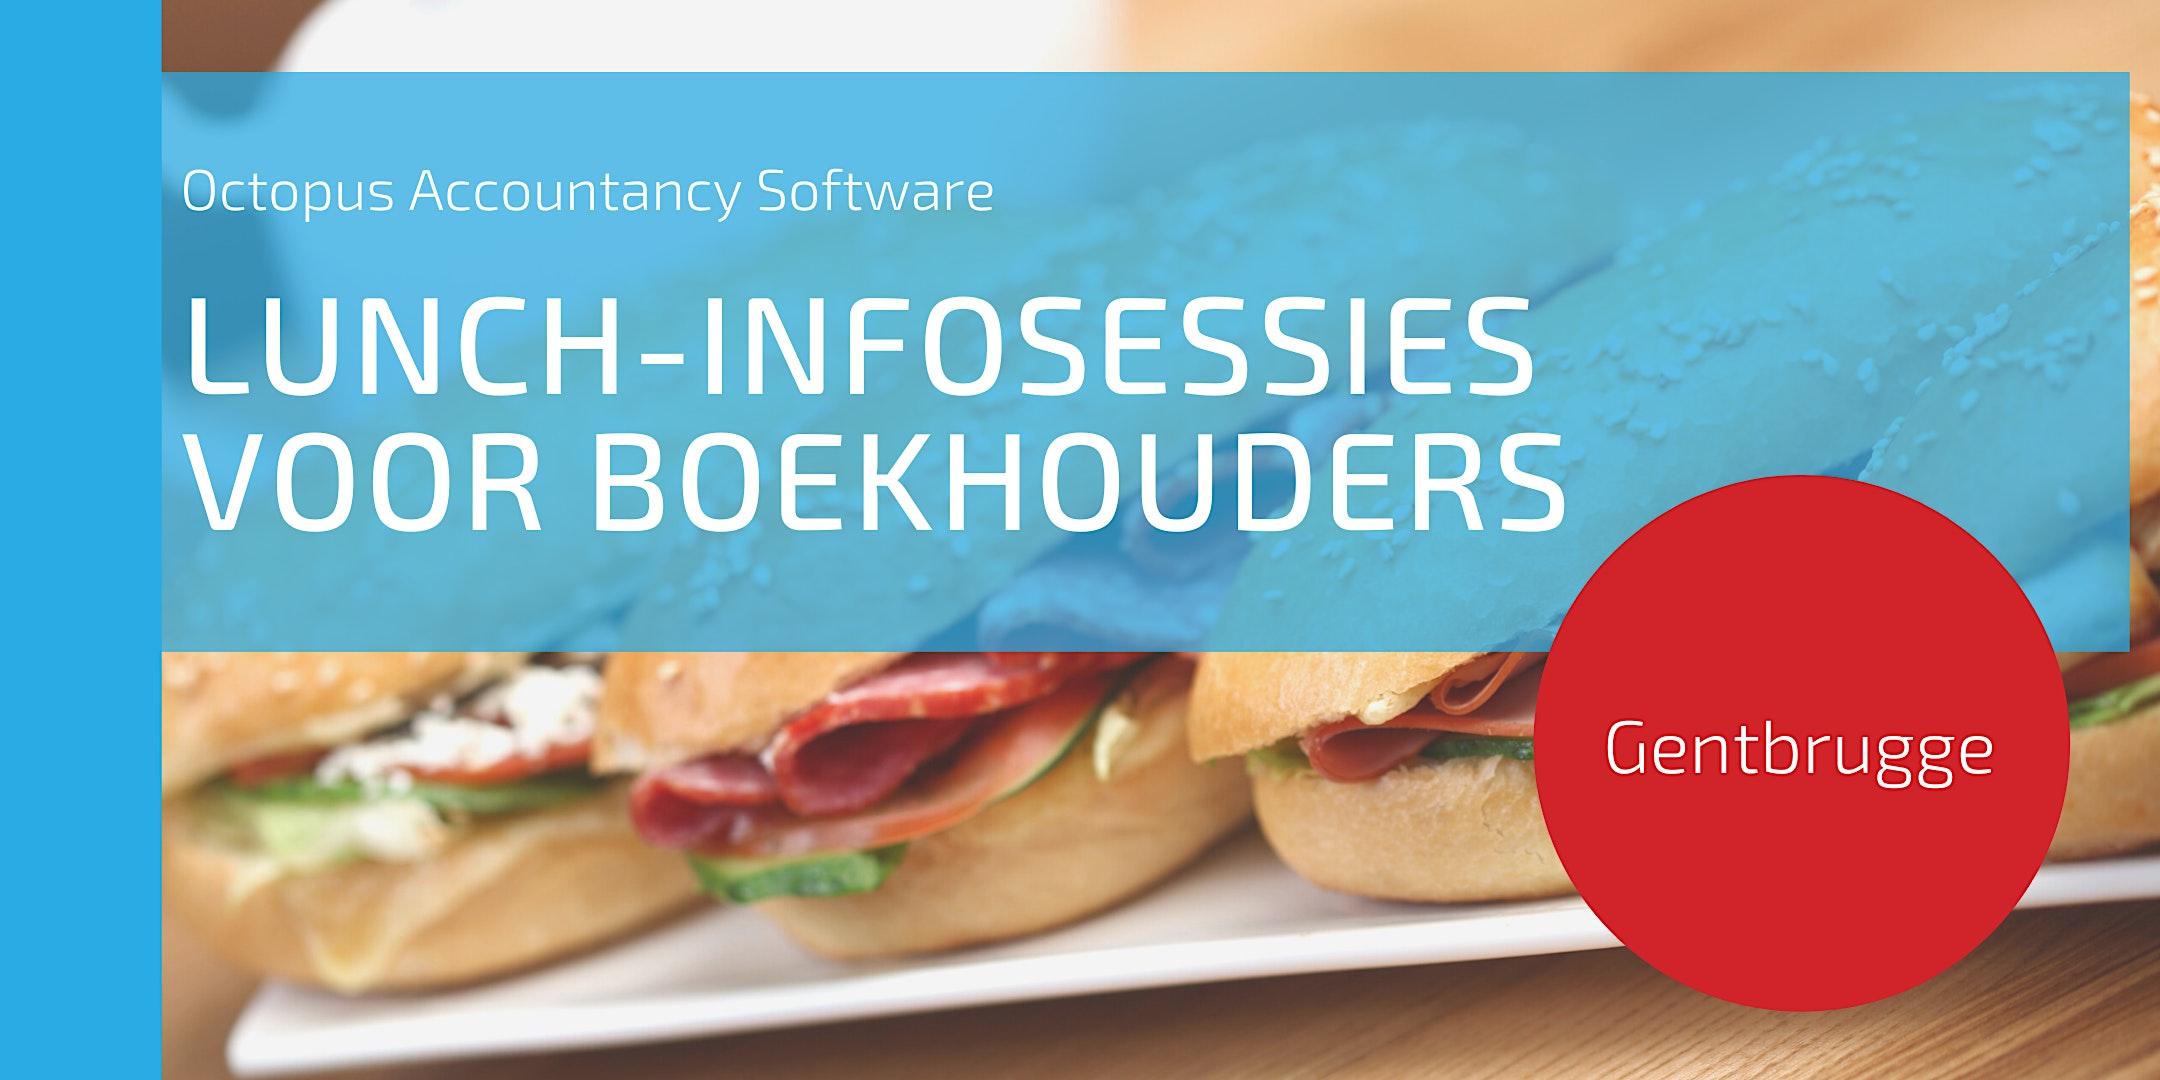 Gentbrugge: Lunch-infosessies voor boekhouders